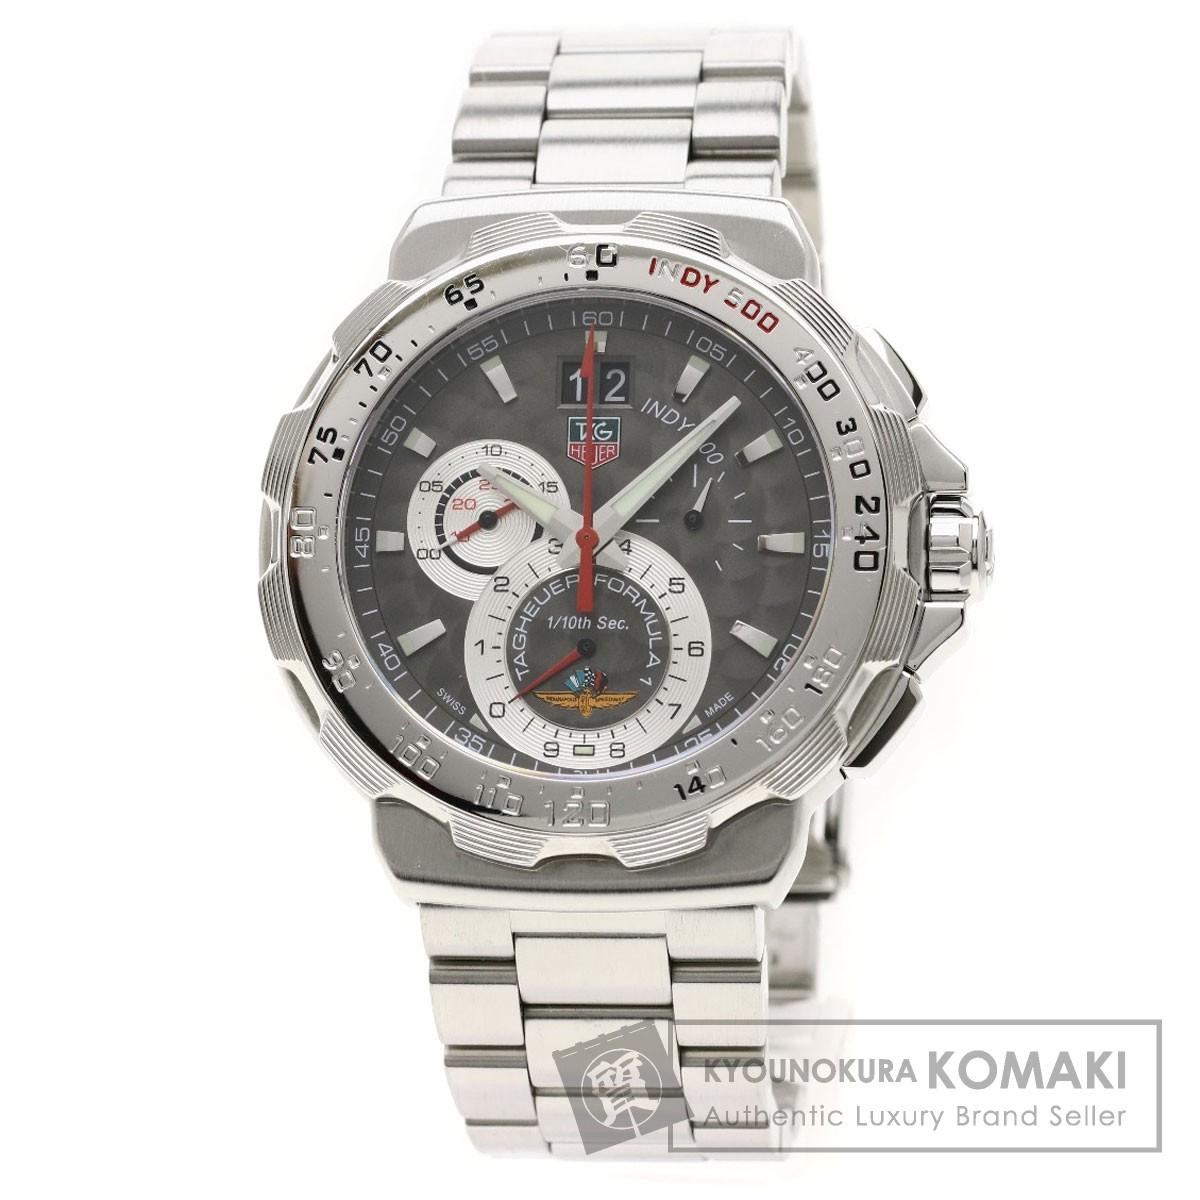 タグホイヤー CAH101A フォーミュラ1 インディ500 腕時計 ステンレススチール メンズ 【中古】【TAG HEUER】